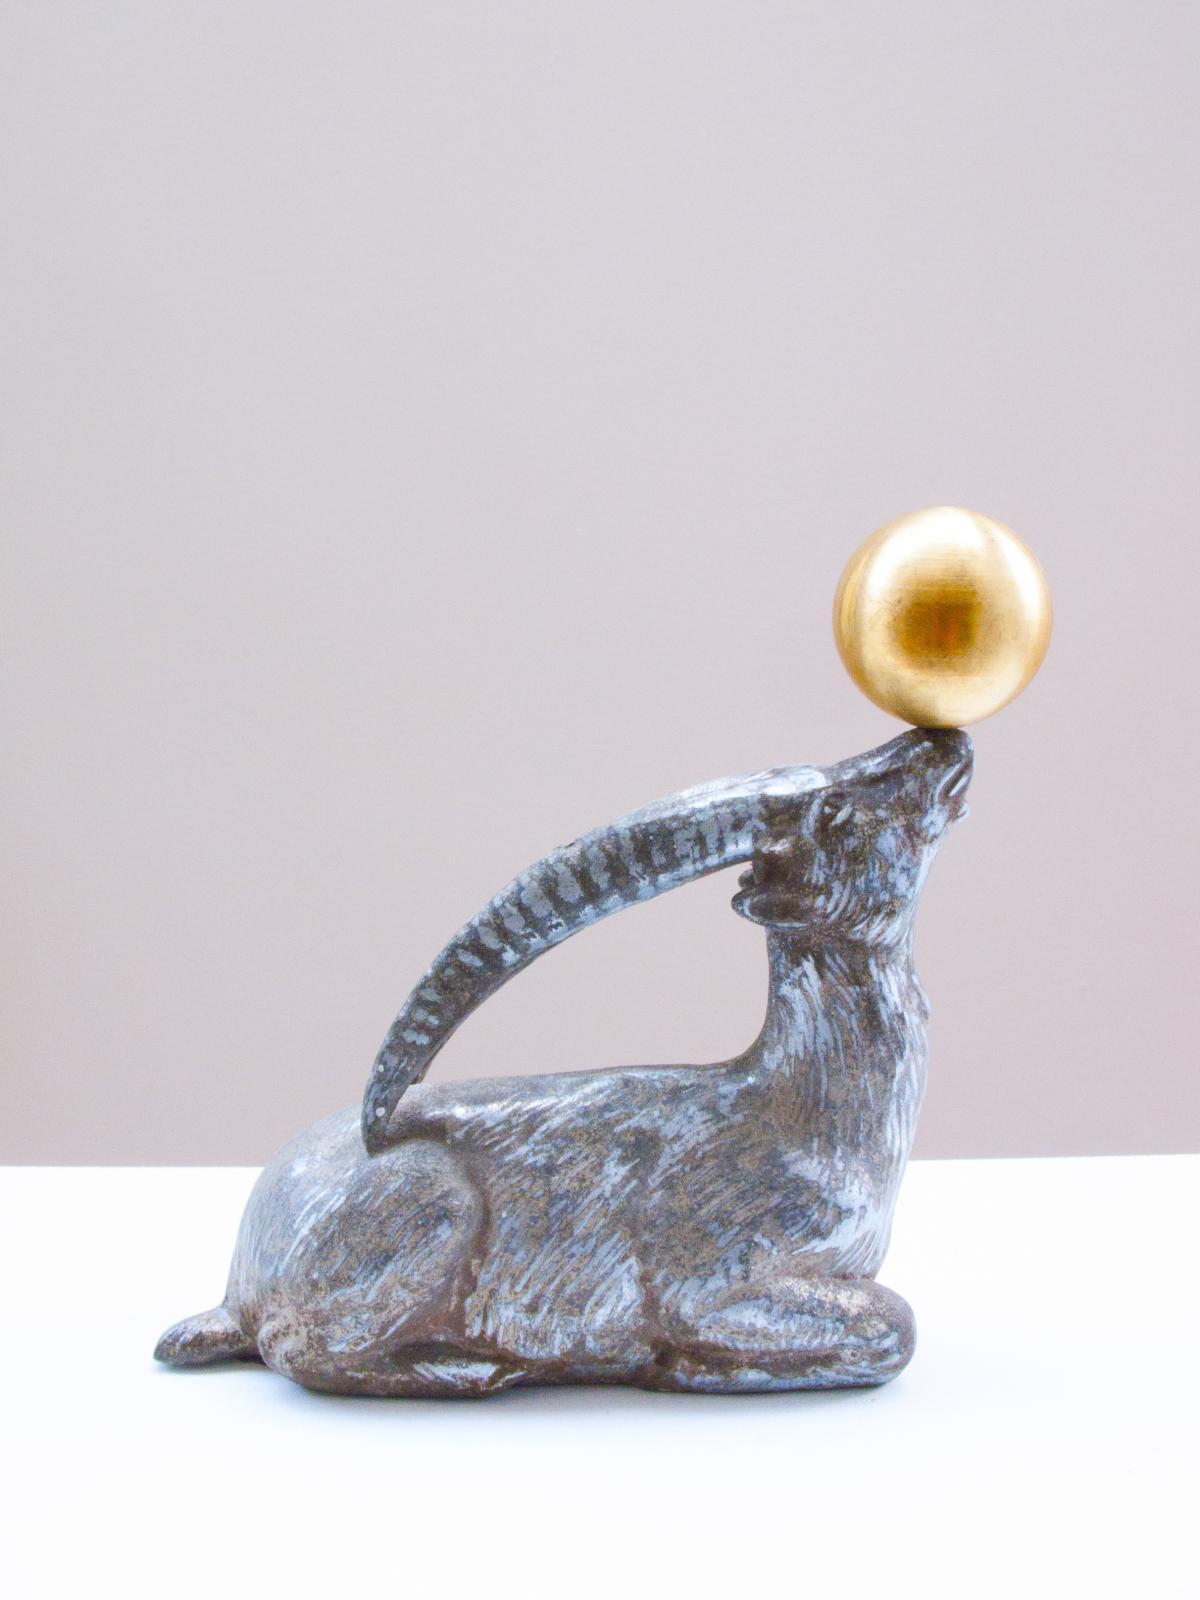 Stéphane Vigny (b. 1977), Bouquetin imitant l'otarie, 2015, tin and brass, one-of-a-kind piece, 15 x 14 cm.